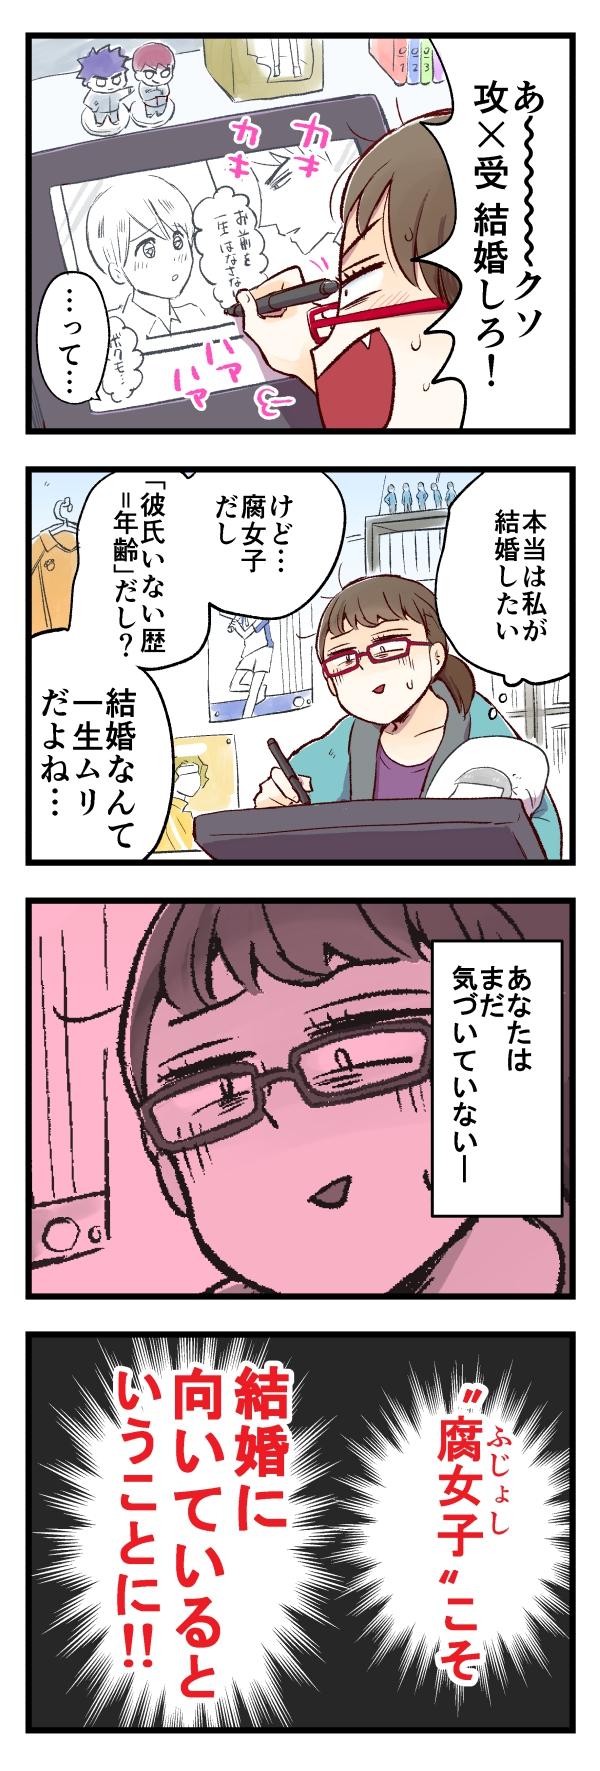 横井さん四コマ